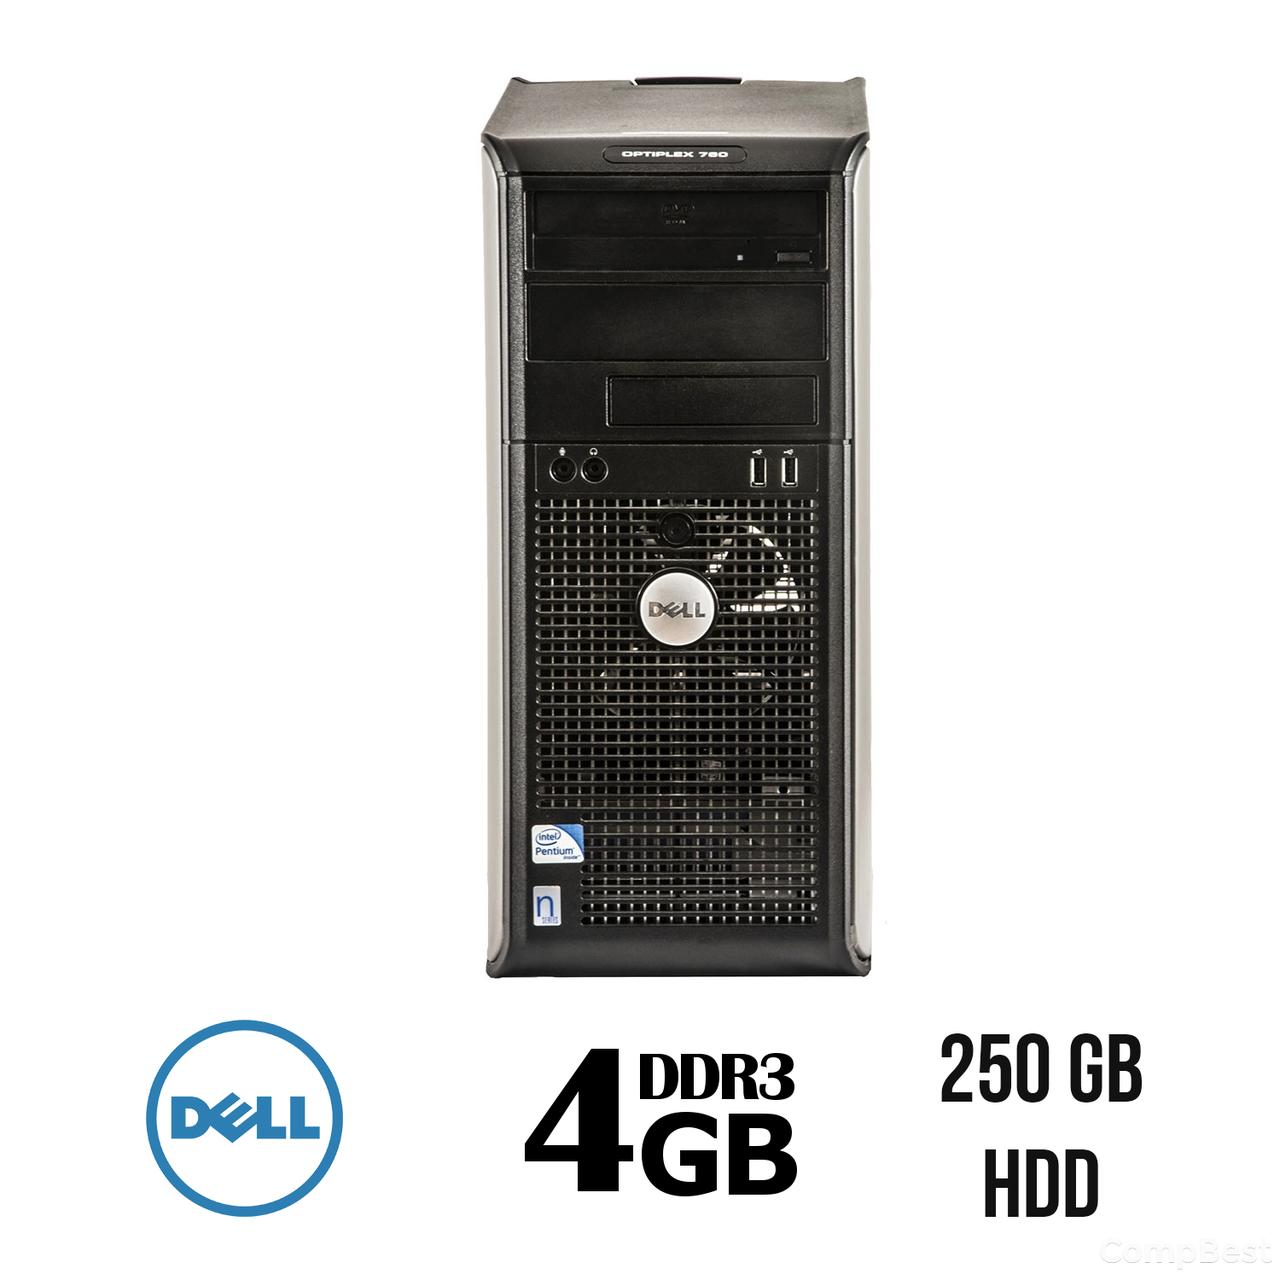 Dell 780 Tower / Intel Core 2 Duo E7500 (2 ядра по 2.93 GHz) / 4 GB DDR3 / 250 GB HDD